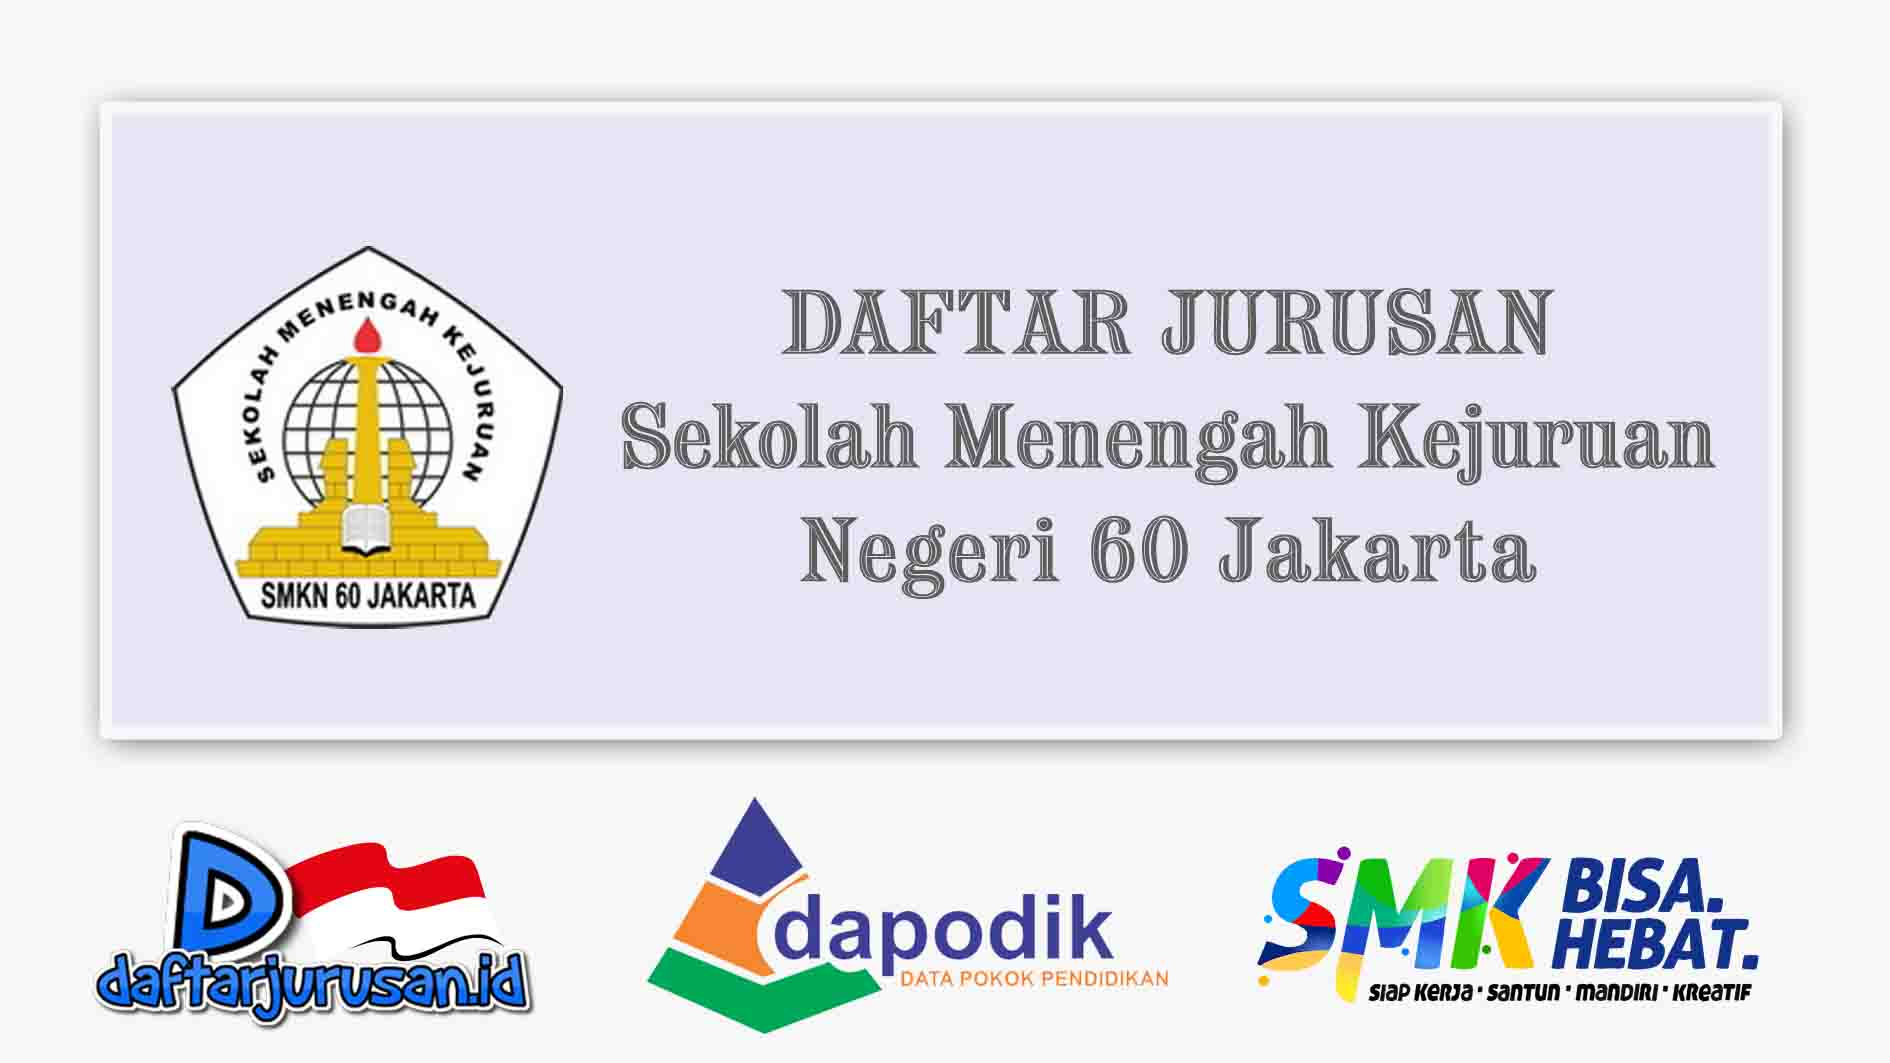 Daftar Jurusan SMK Negeri 60 Jakarta Barat